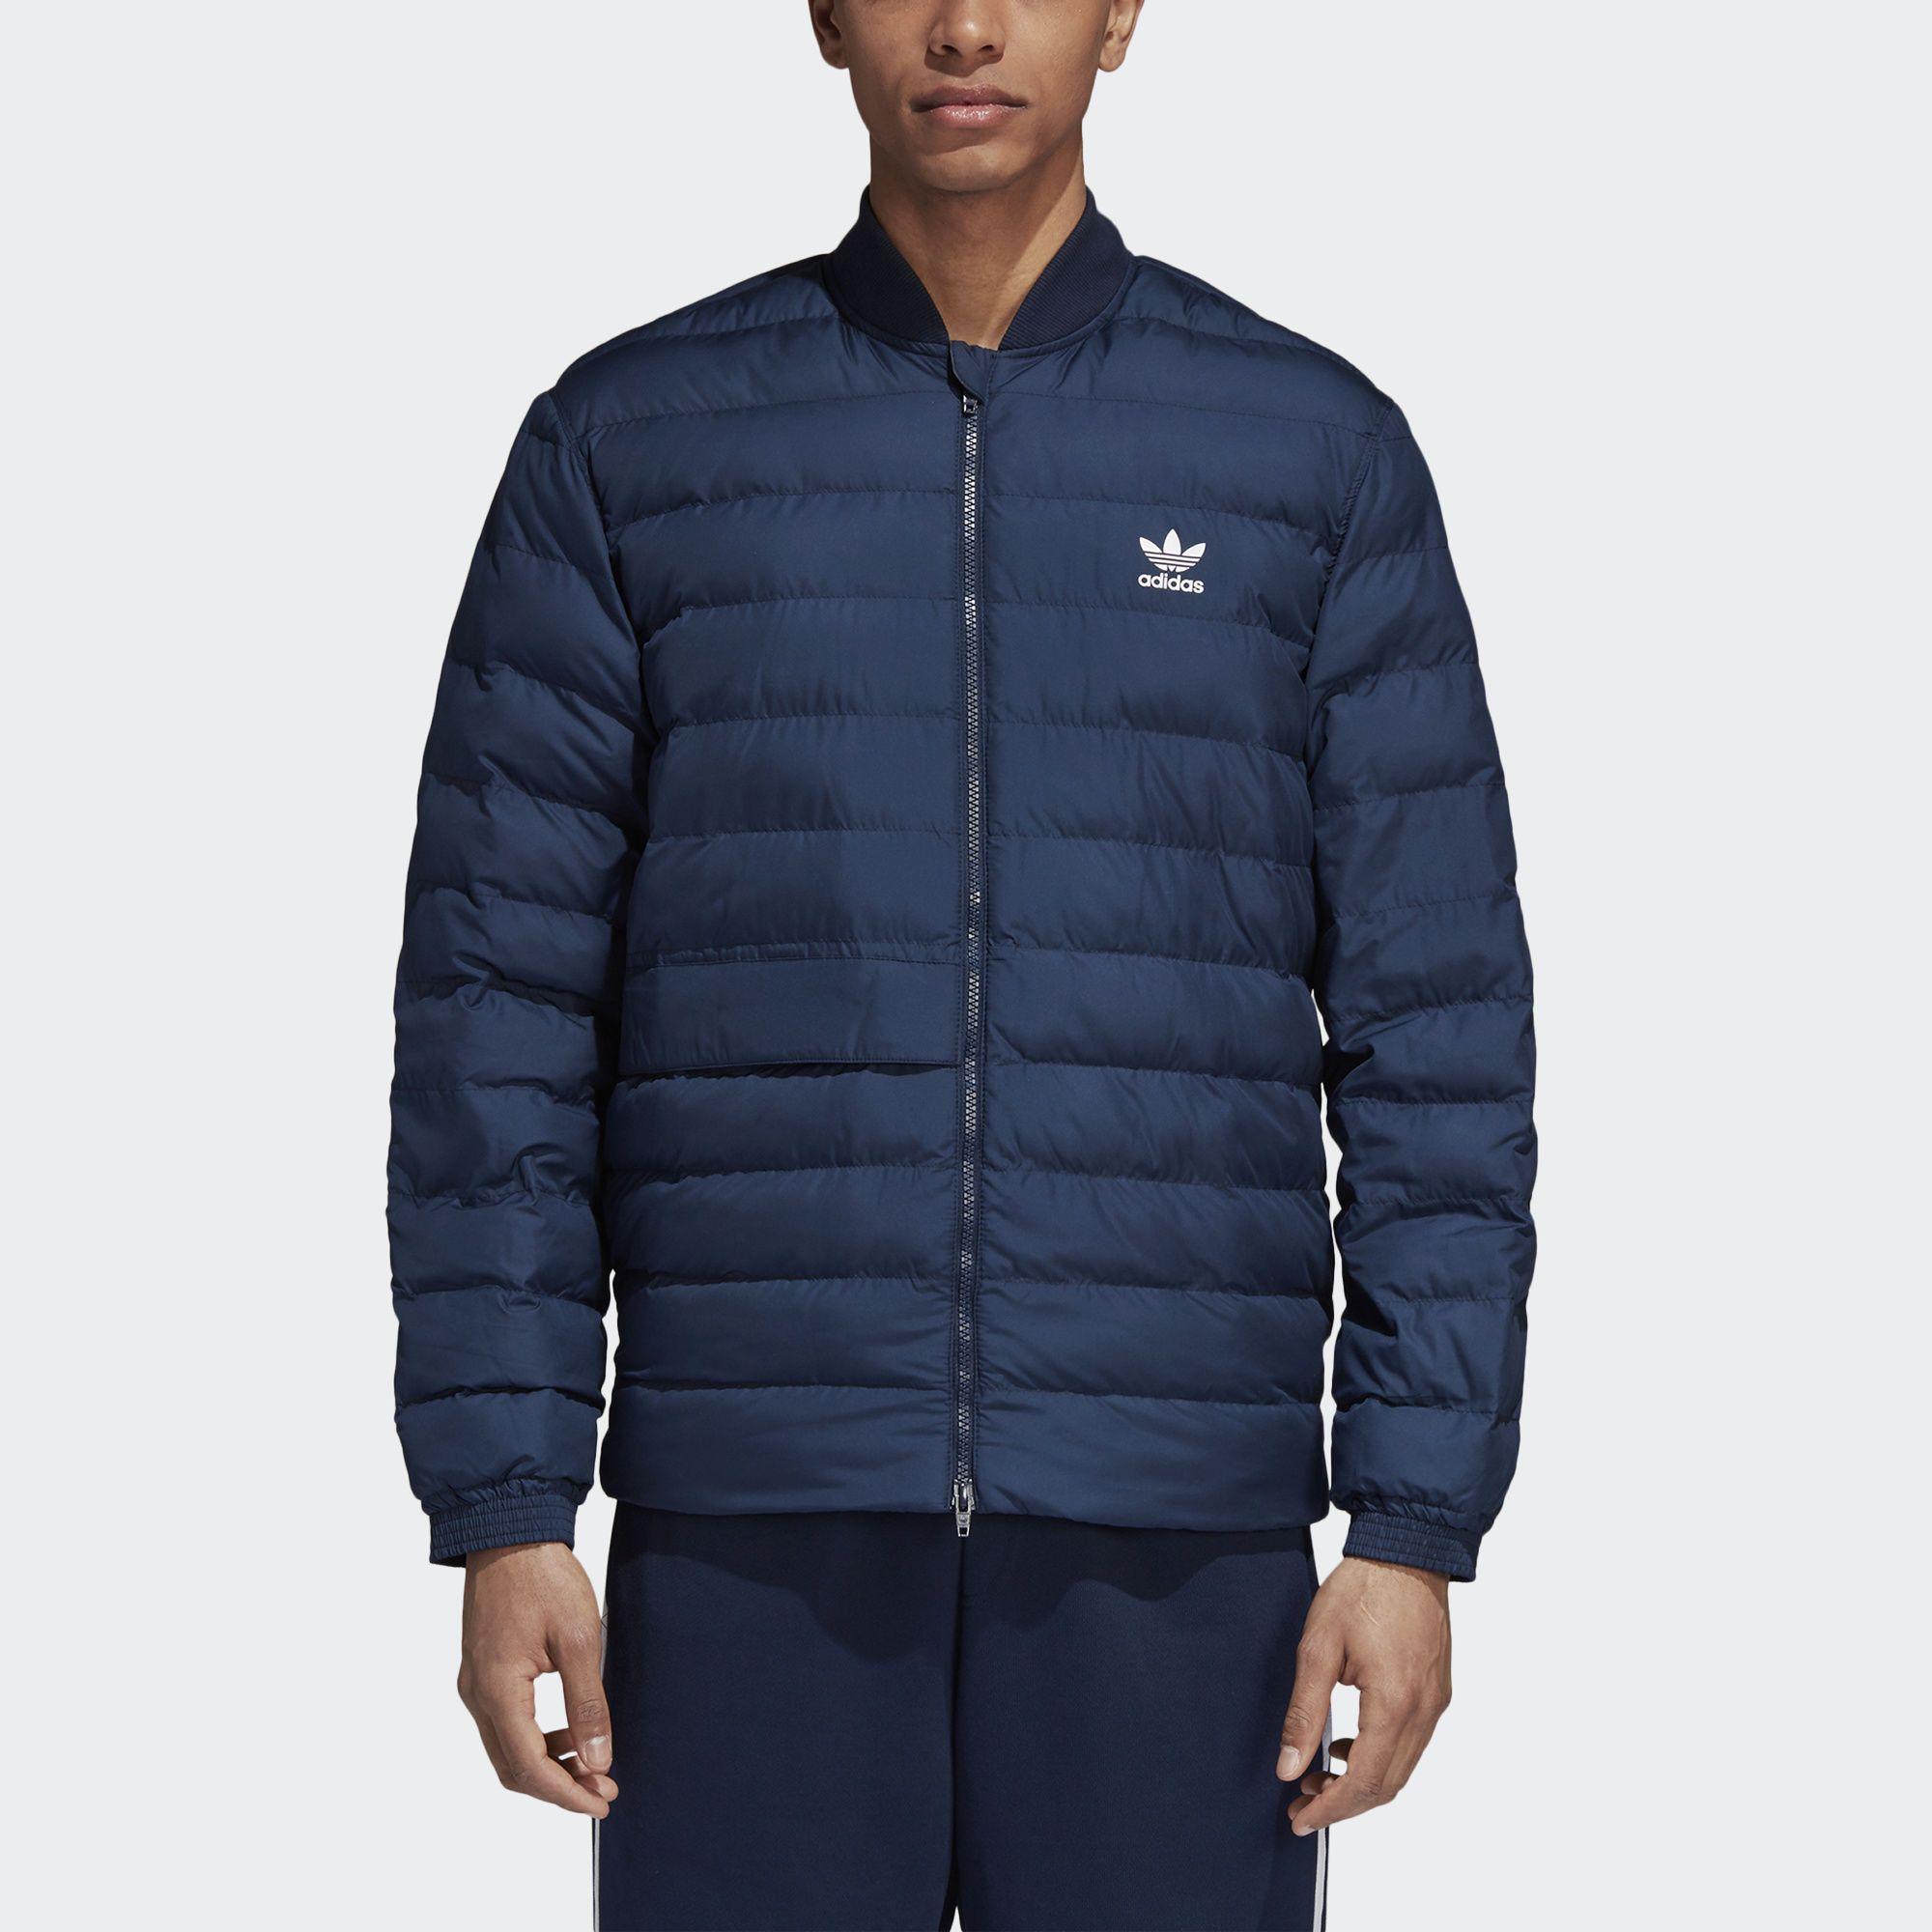 Куртка SST Outdoor adidas Originals. Купить на сайте